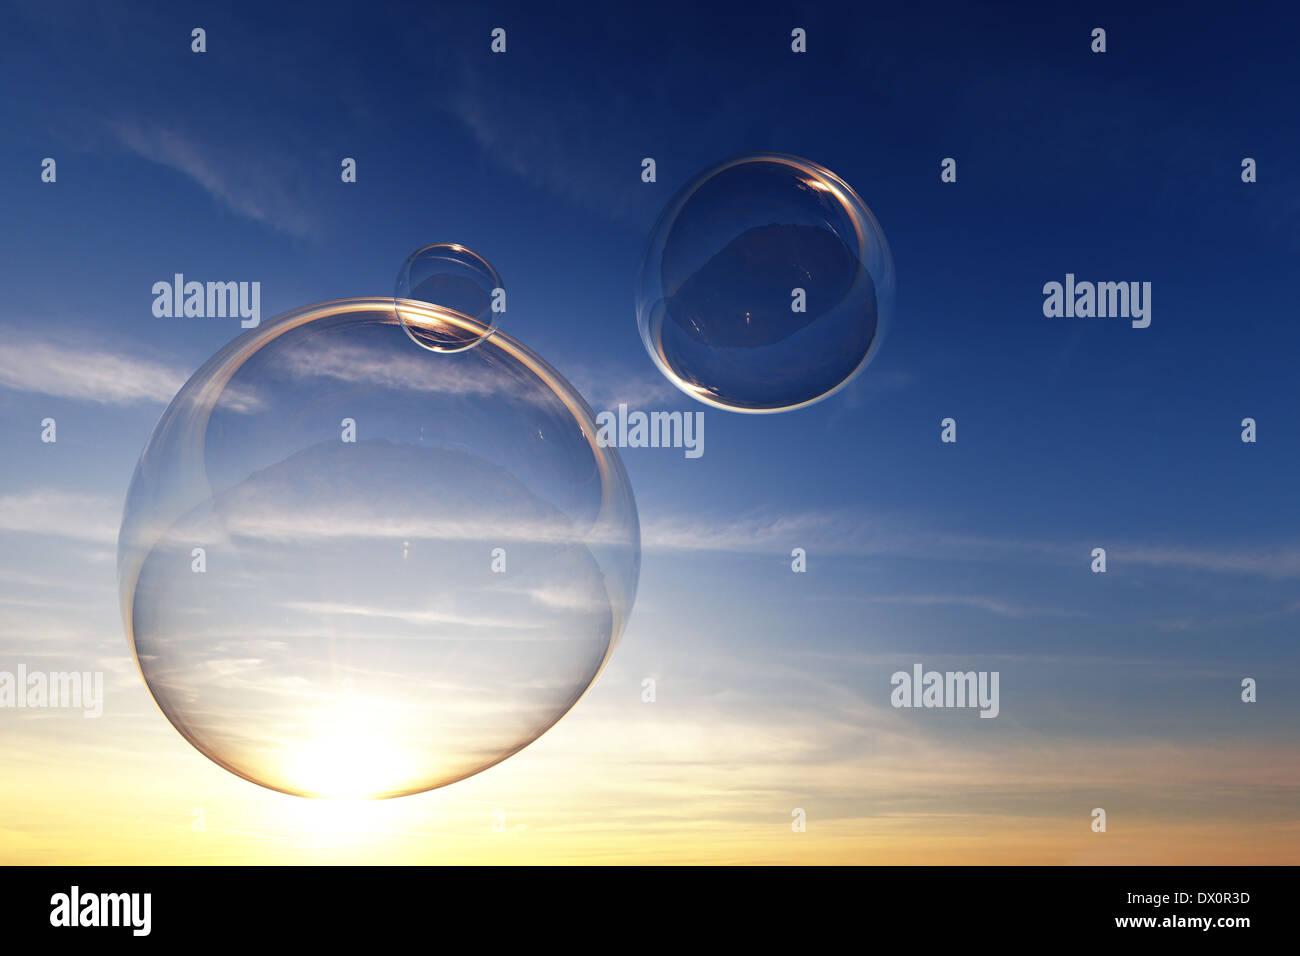 Klar Seifenblasen in den Himmel mit Sonnenuntergang - 3D render Stockbild